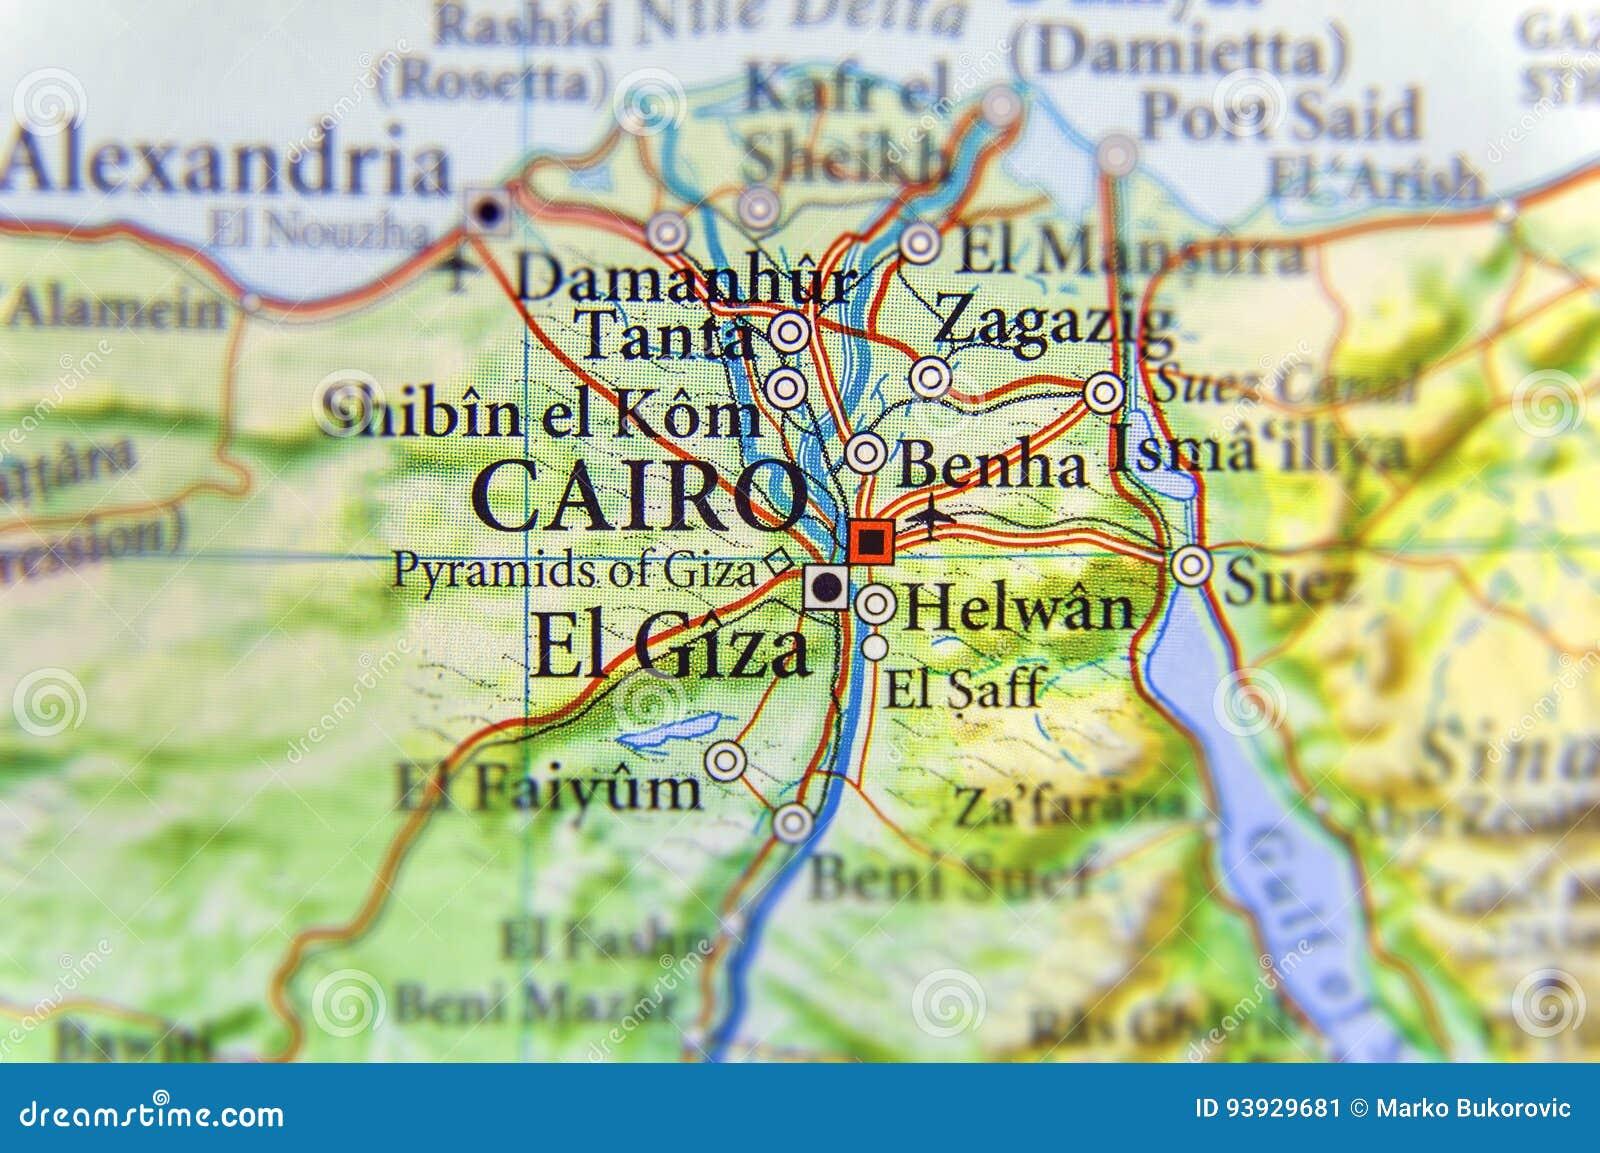 Cartina Egitto In Italiano.Mappa Geografica Dell Egitto Con La Capitale Il Cairo Immagine Stock Immagine Di Globale Pianeta 93929681